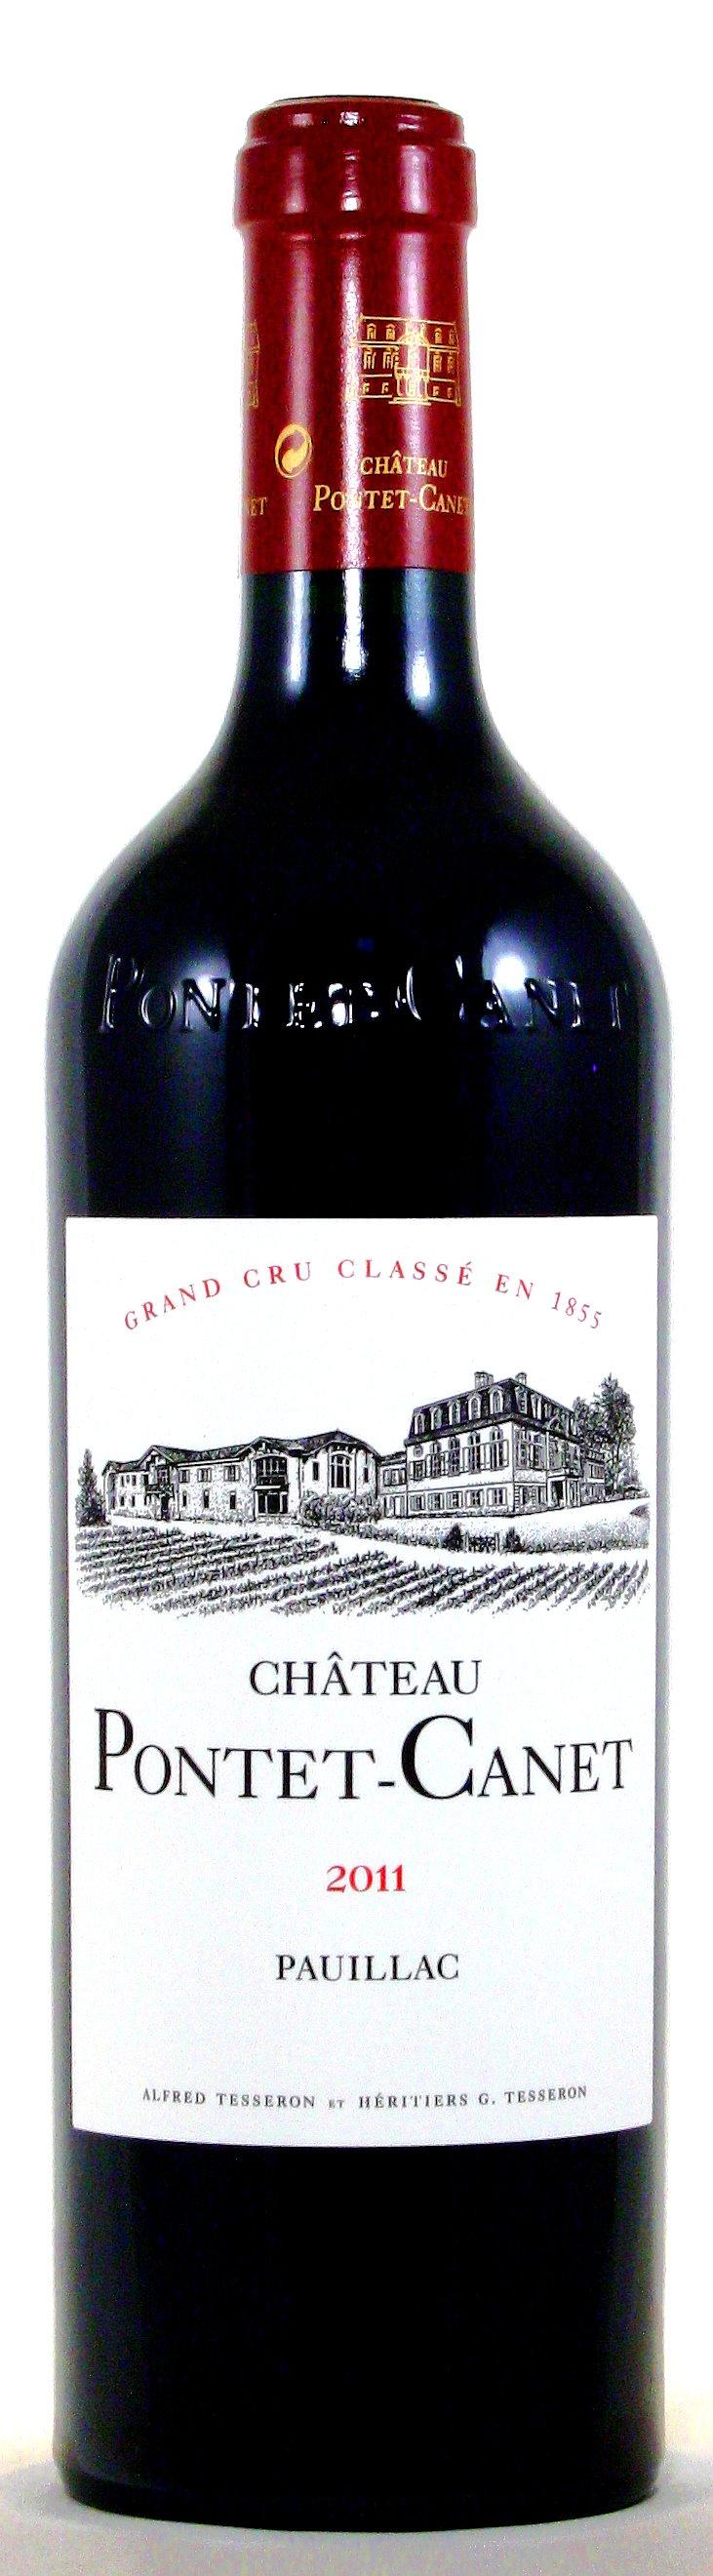 2011 Château Pontet-Canet, Pauillac Grand Cru Classé, Bordeaux